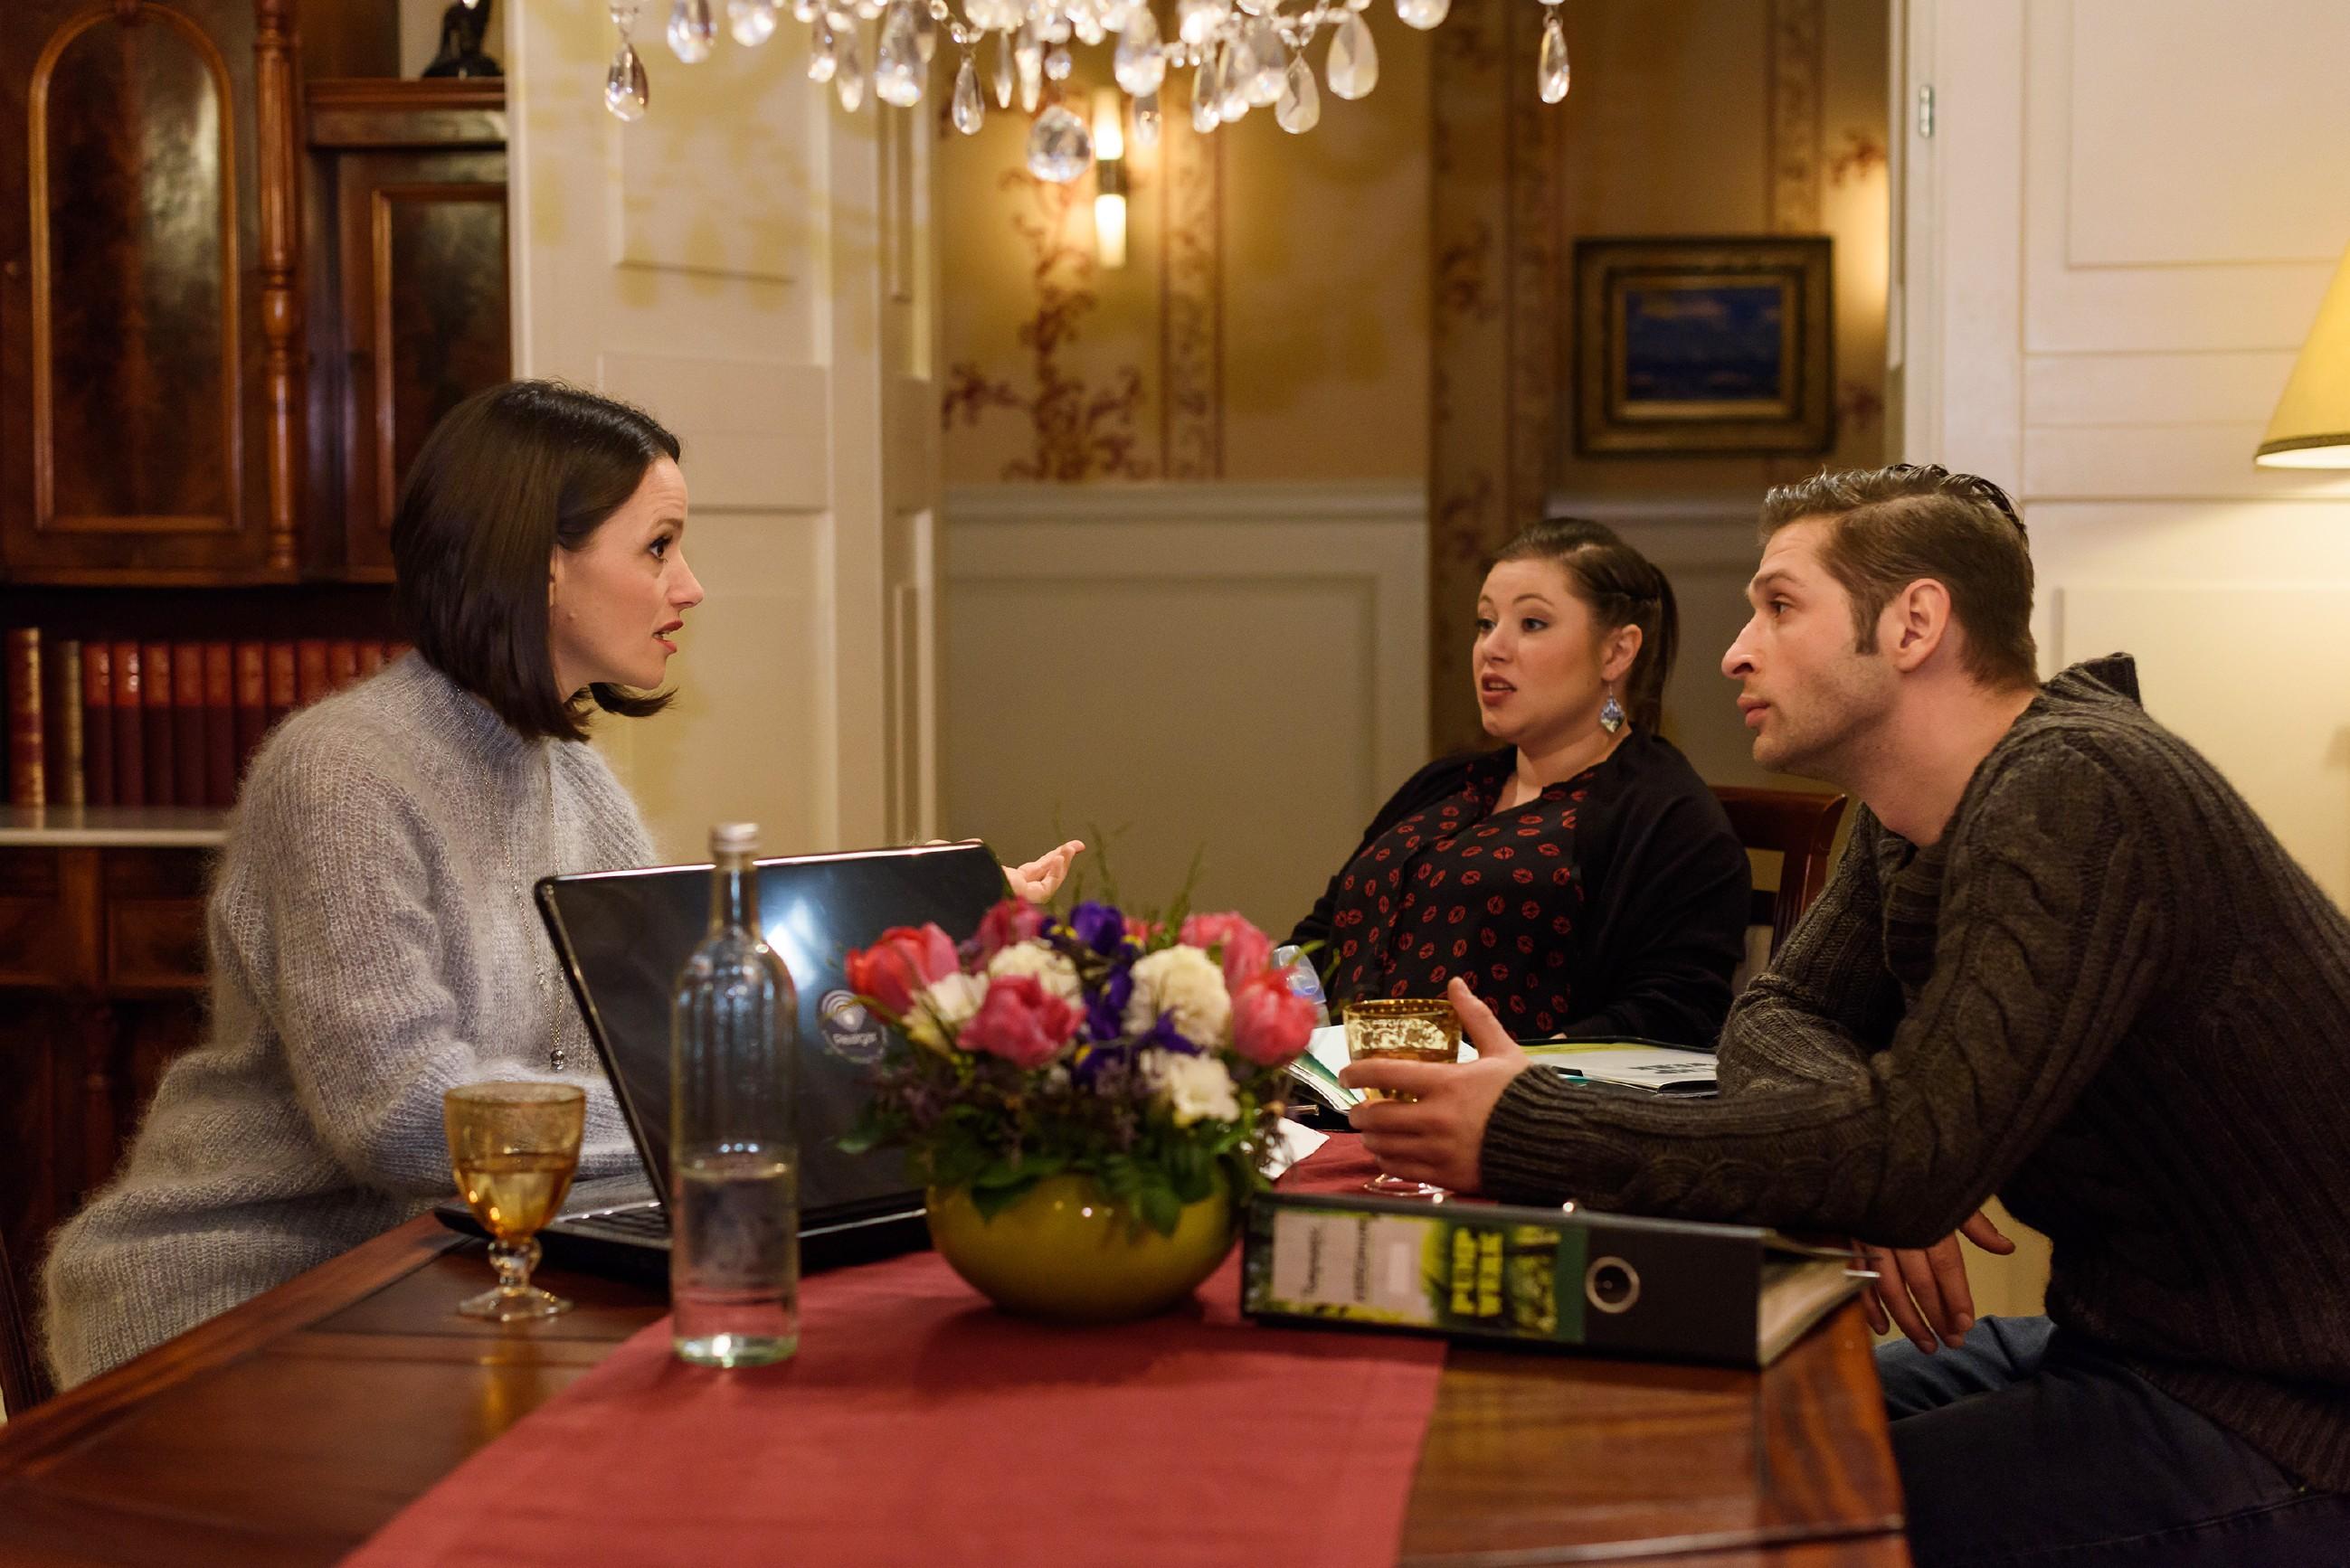 Jenny (Kaja Schmidt-Tychsen, l.) sieht sich in ihrer Skepsis bestätigt, als sie durch Vanessa (Julia Augustin) und Deniz (Igor Dolgatschew) von Simones Affäre erfährt. (Quelle: RTL / Julia Feldhagen)